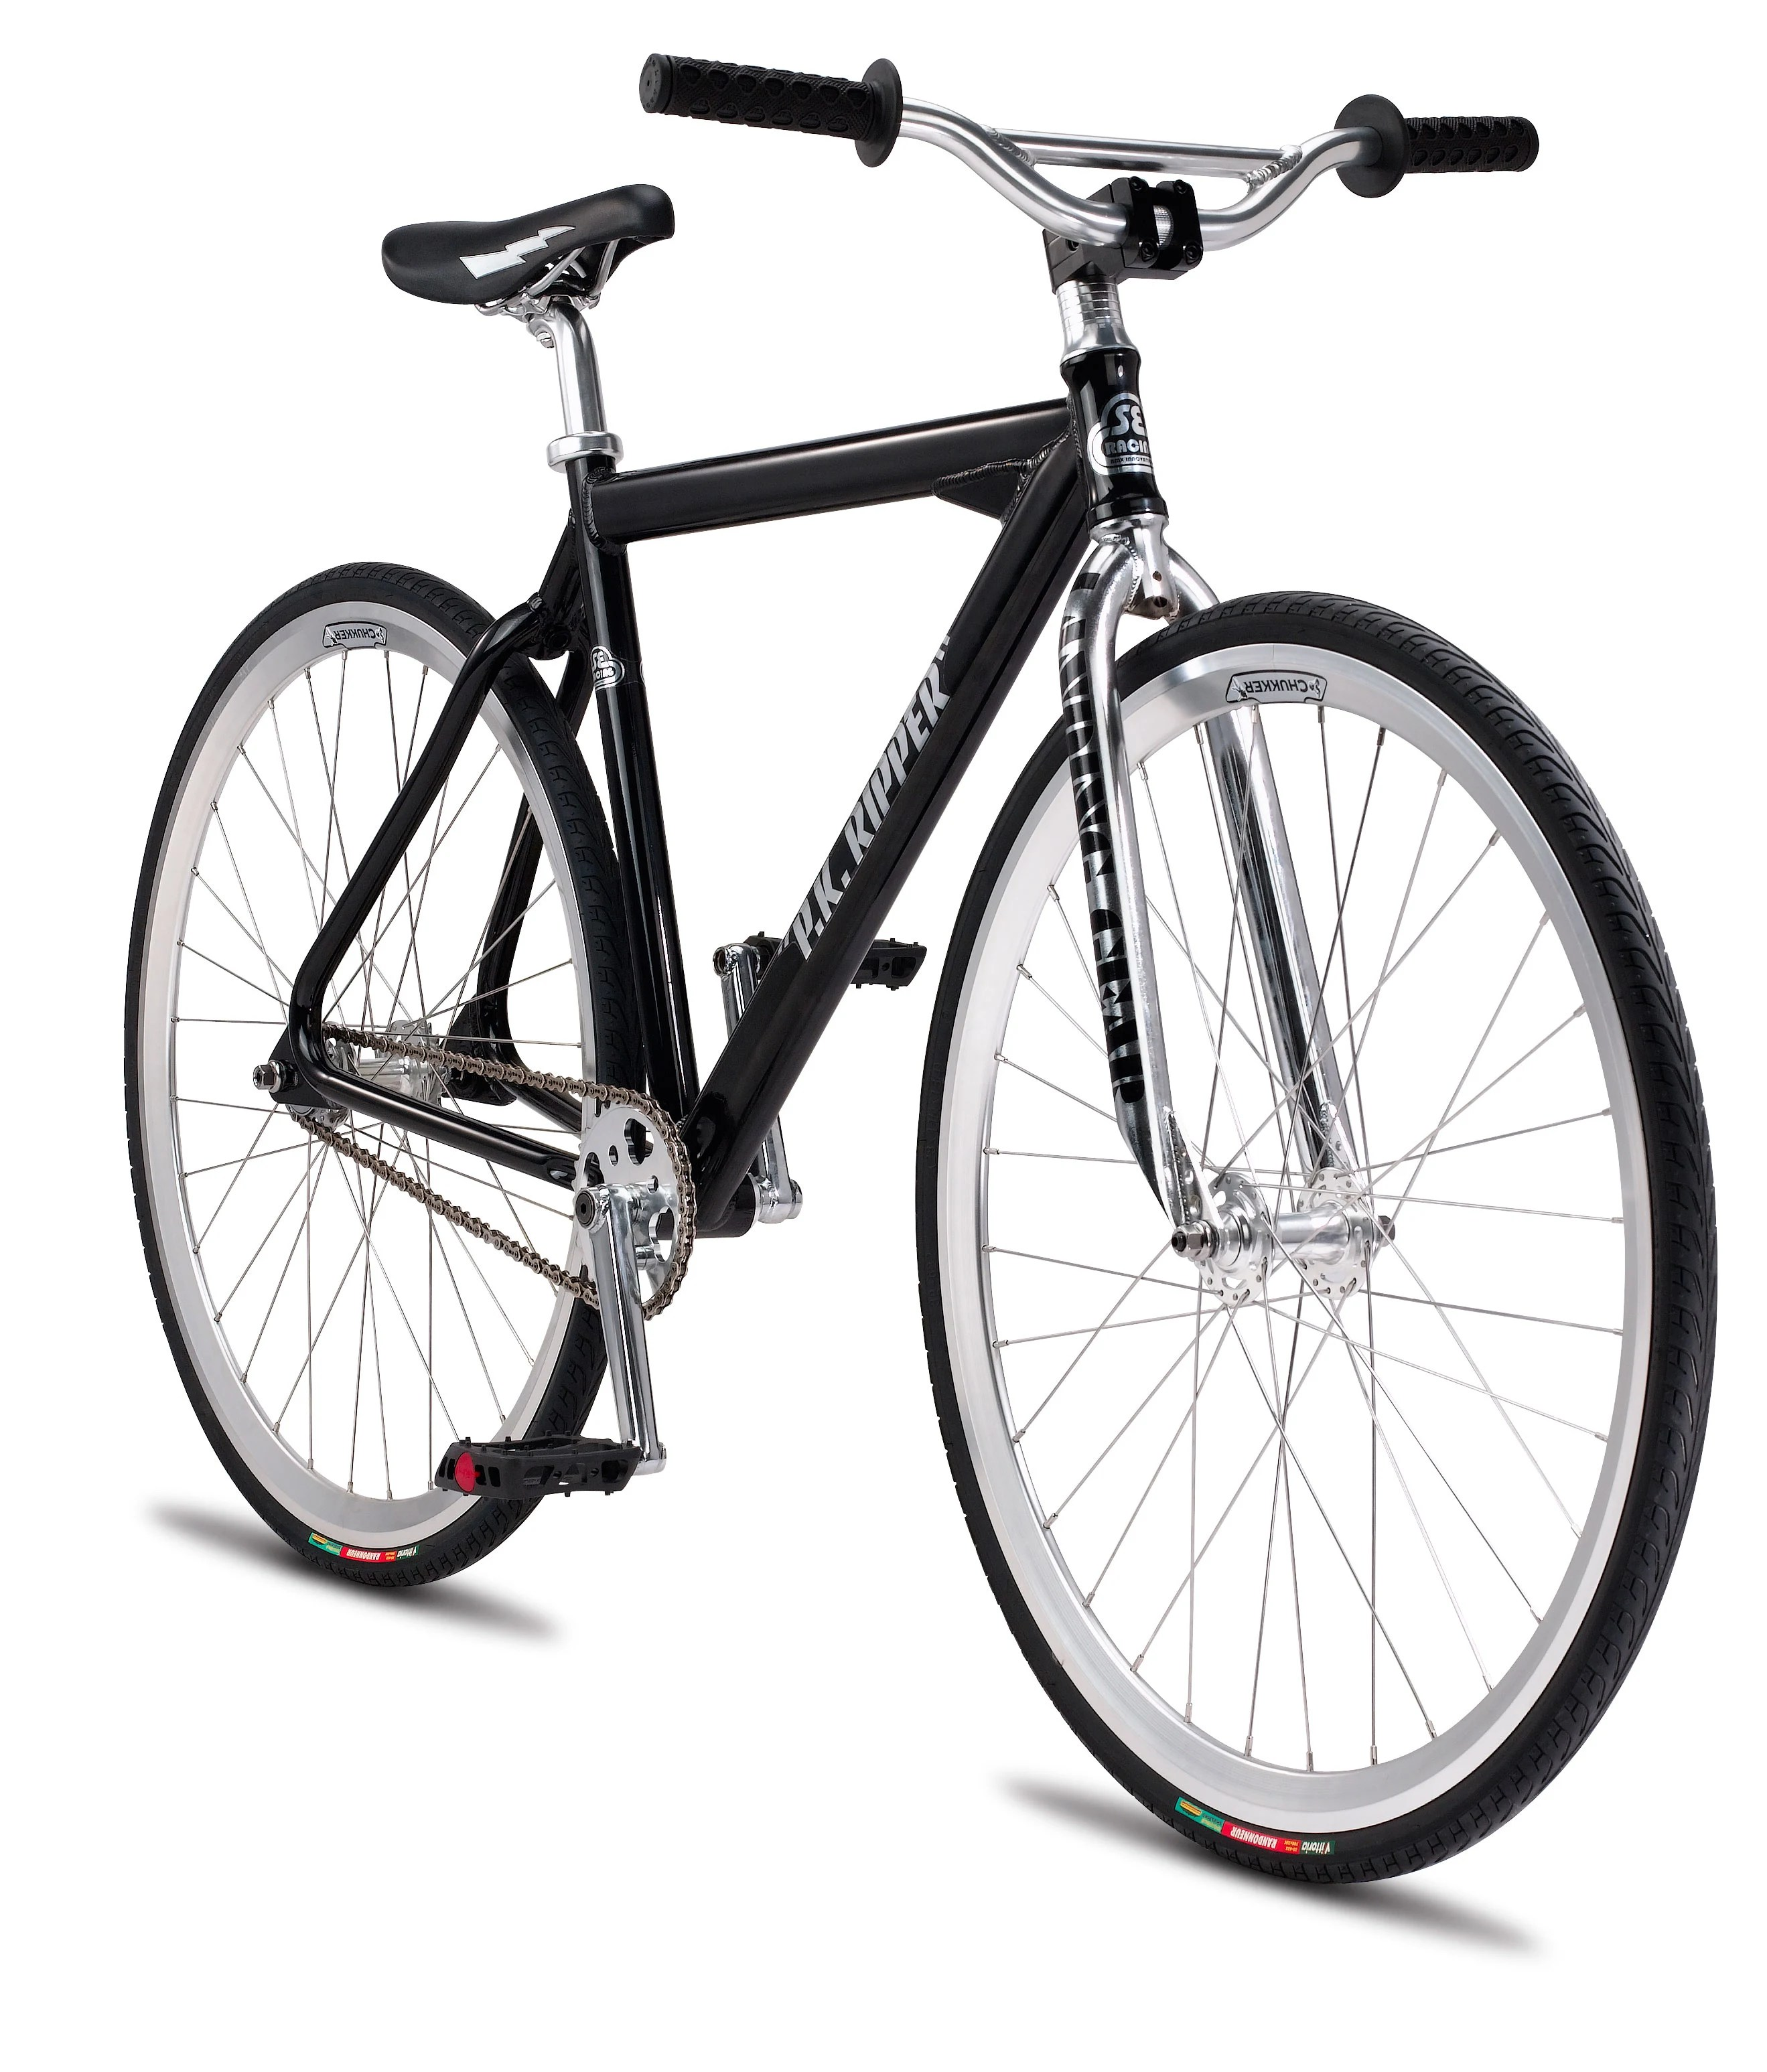 SE Pk Fixed Gear Adult Single Speed Bike